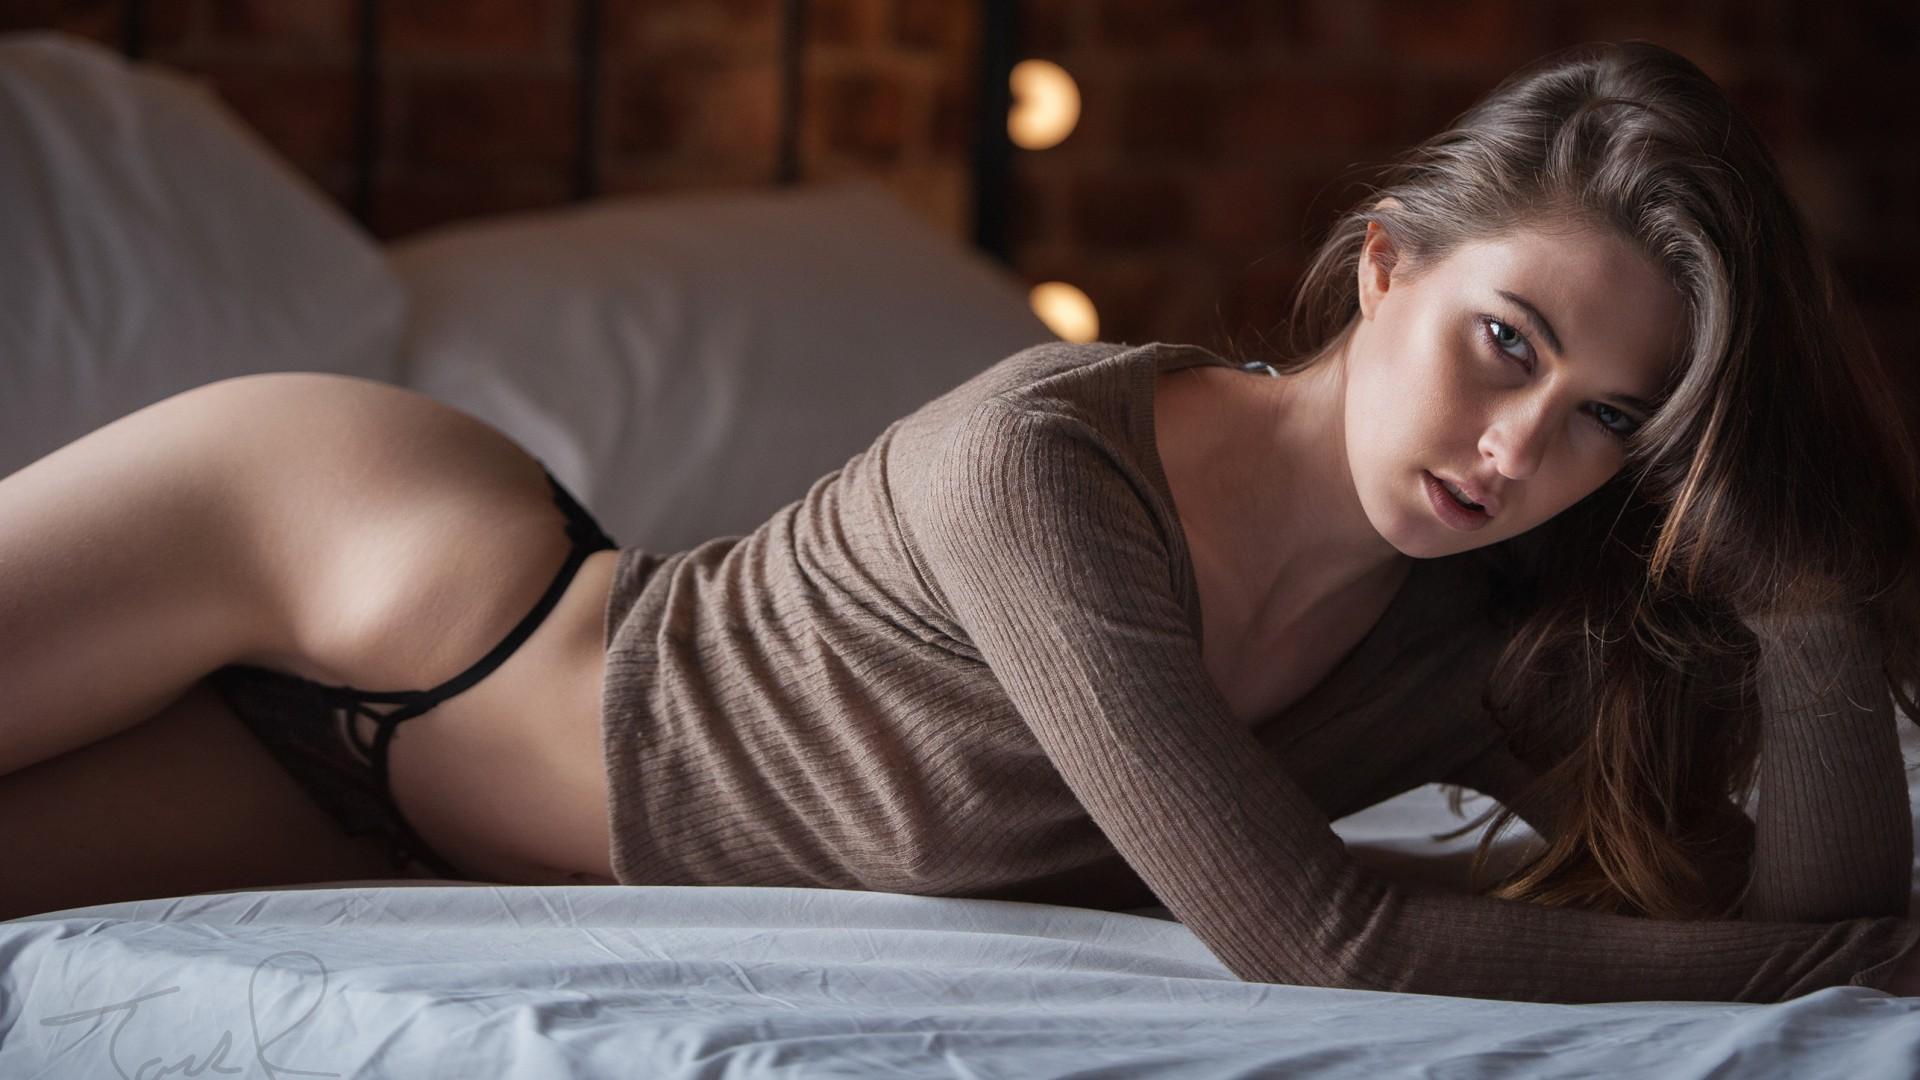 Kailena sex porncraft movie